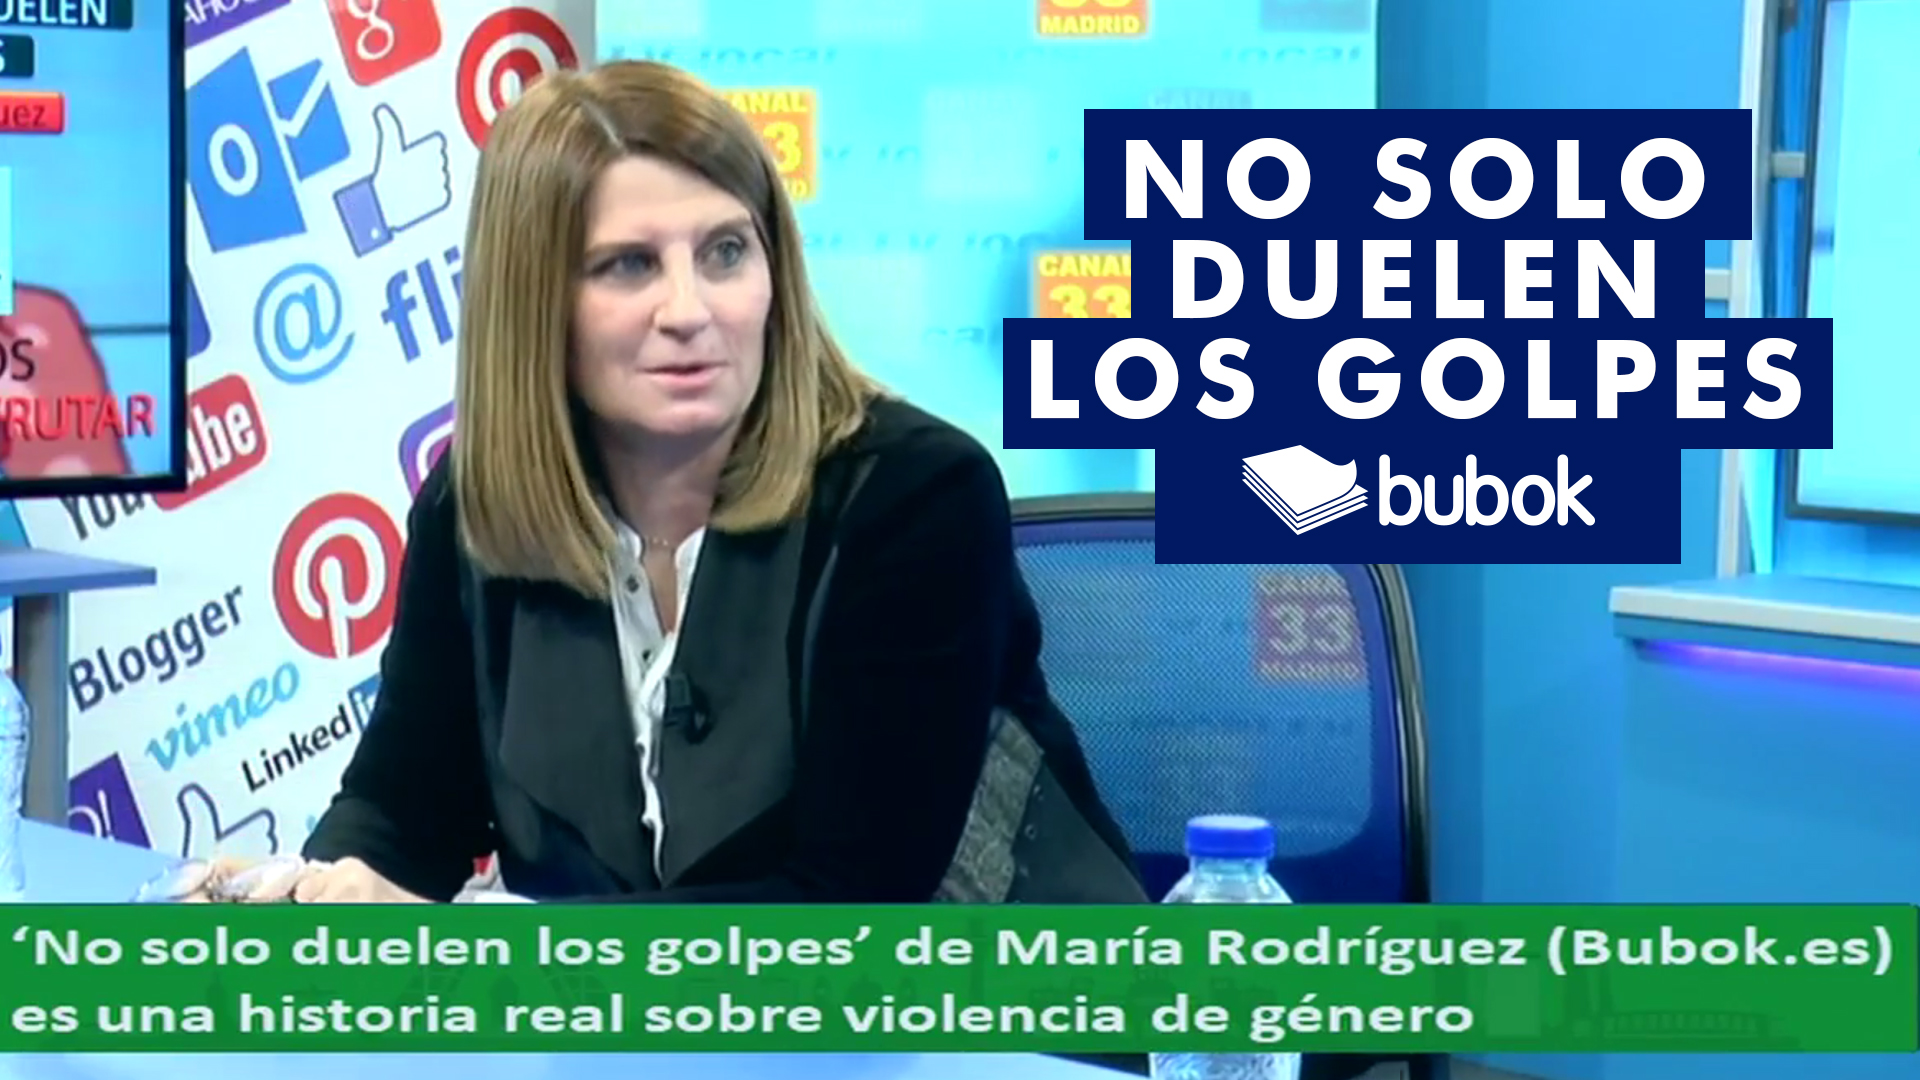 LIBROS PARA DISFRUTAR No sólo duelen los golpes de María Rodríguez